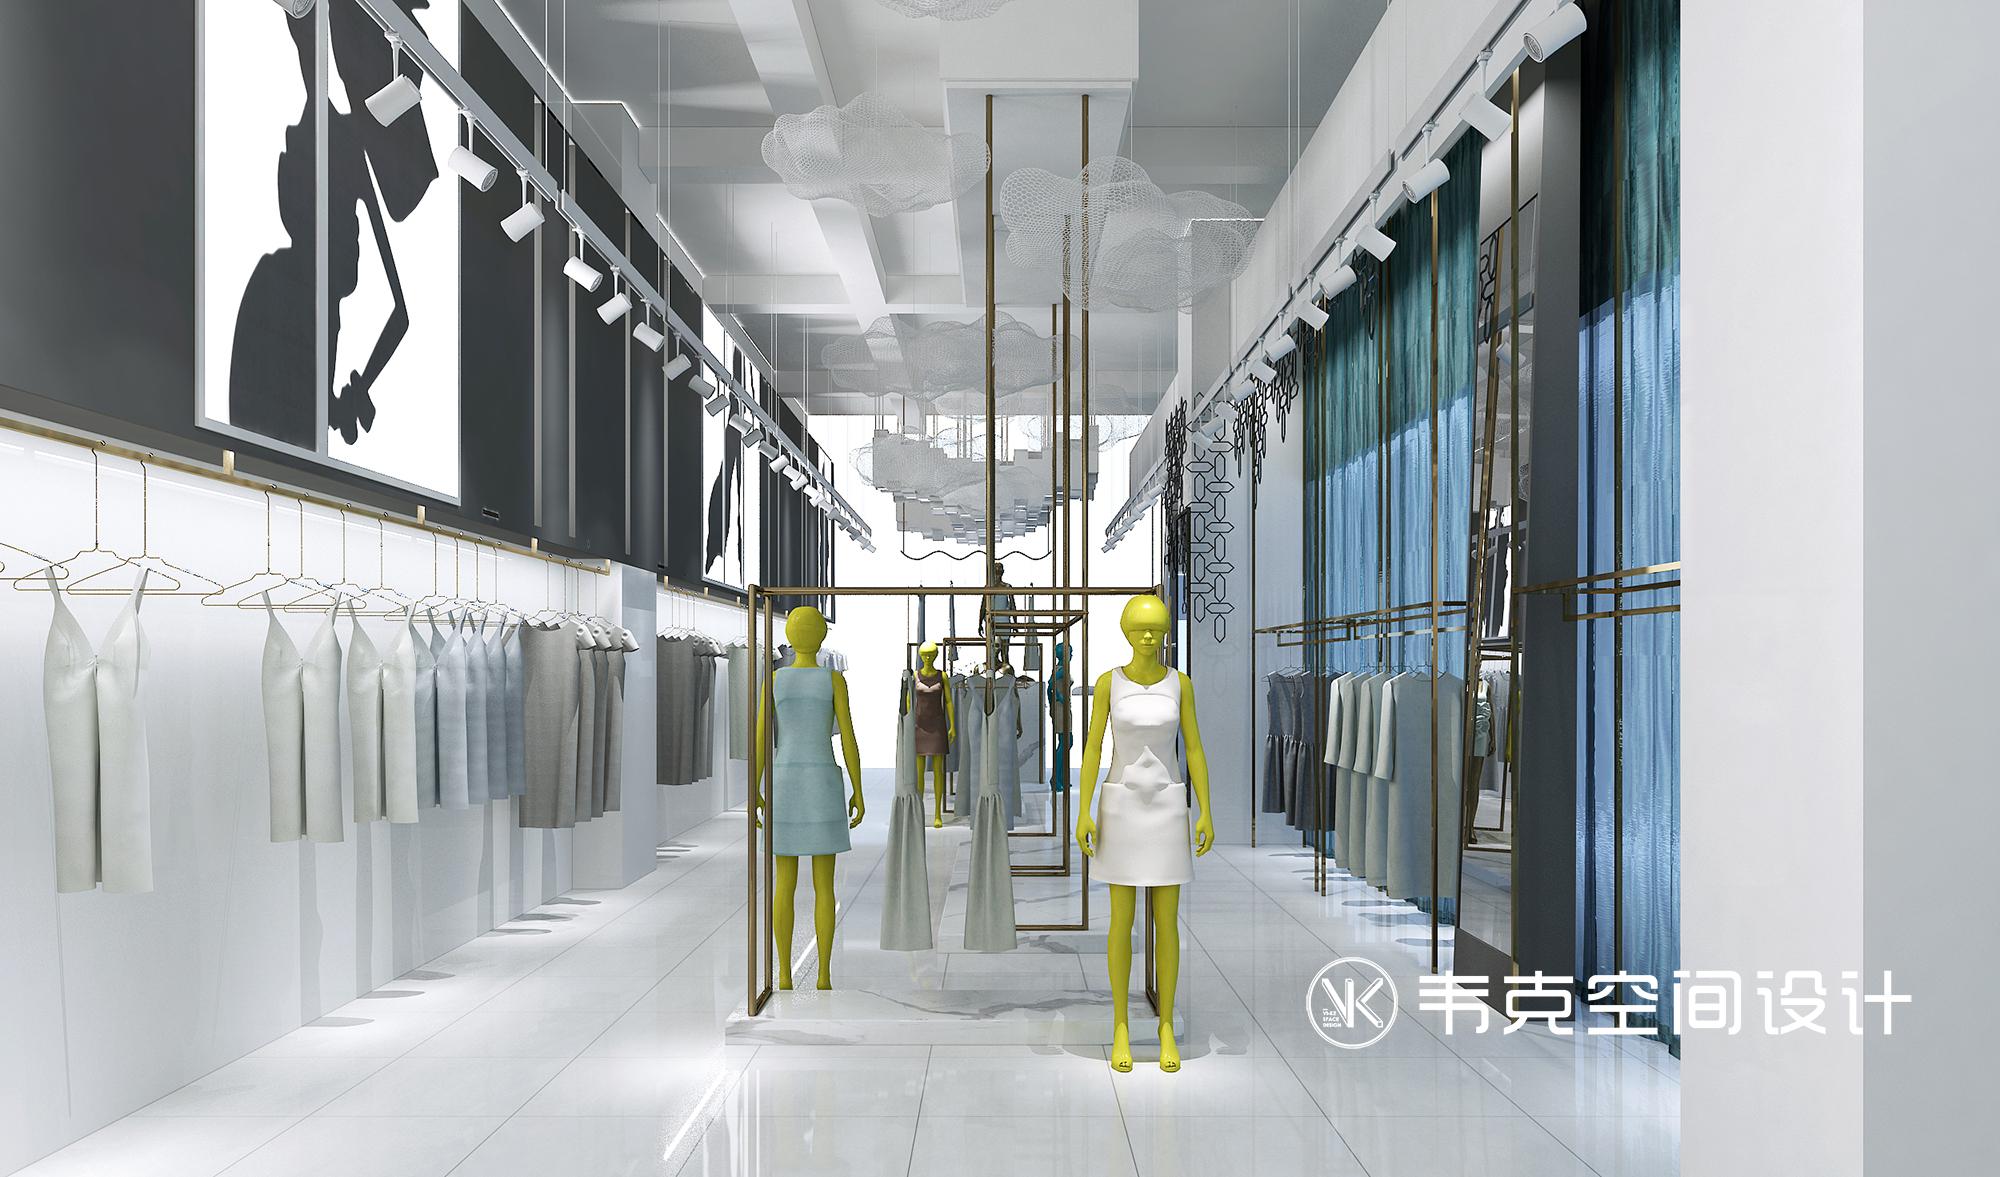 客厅图片来自韦克空间设计在莫兰迪蓝女装店设计的分享